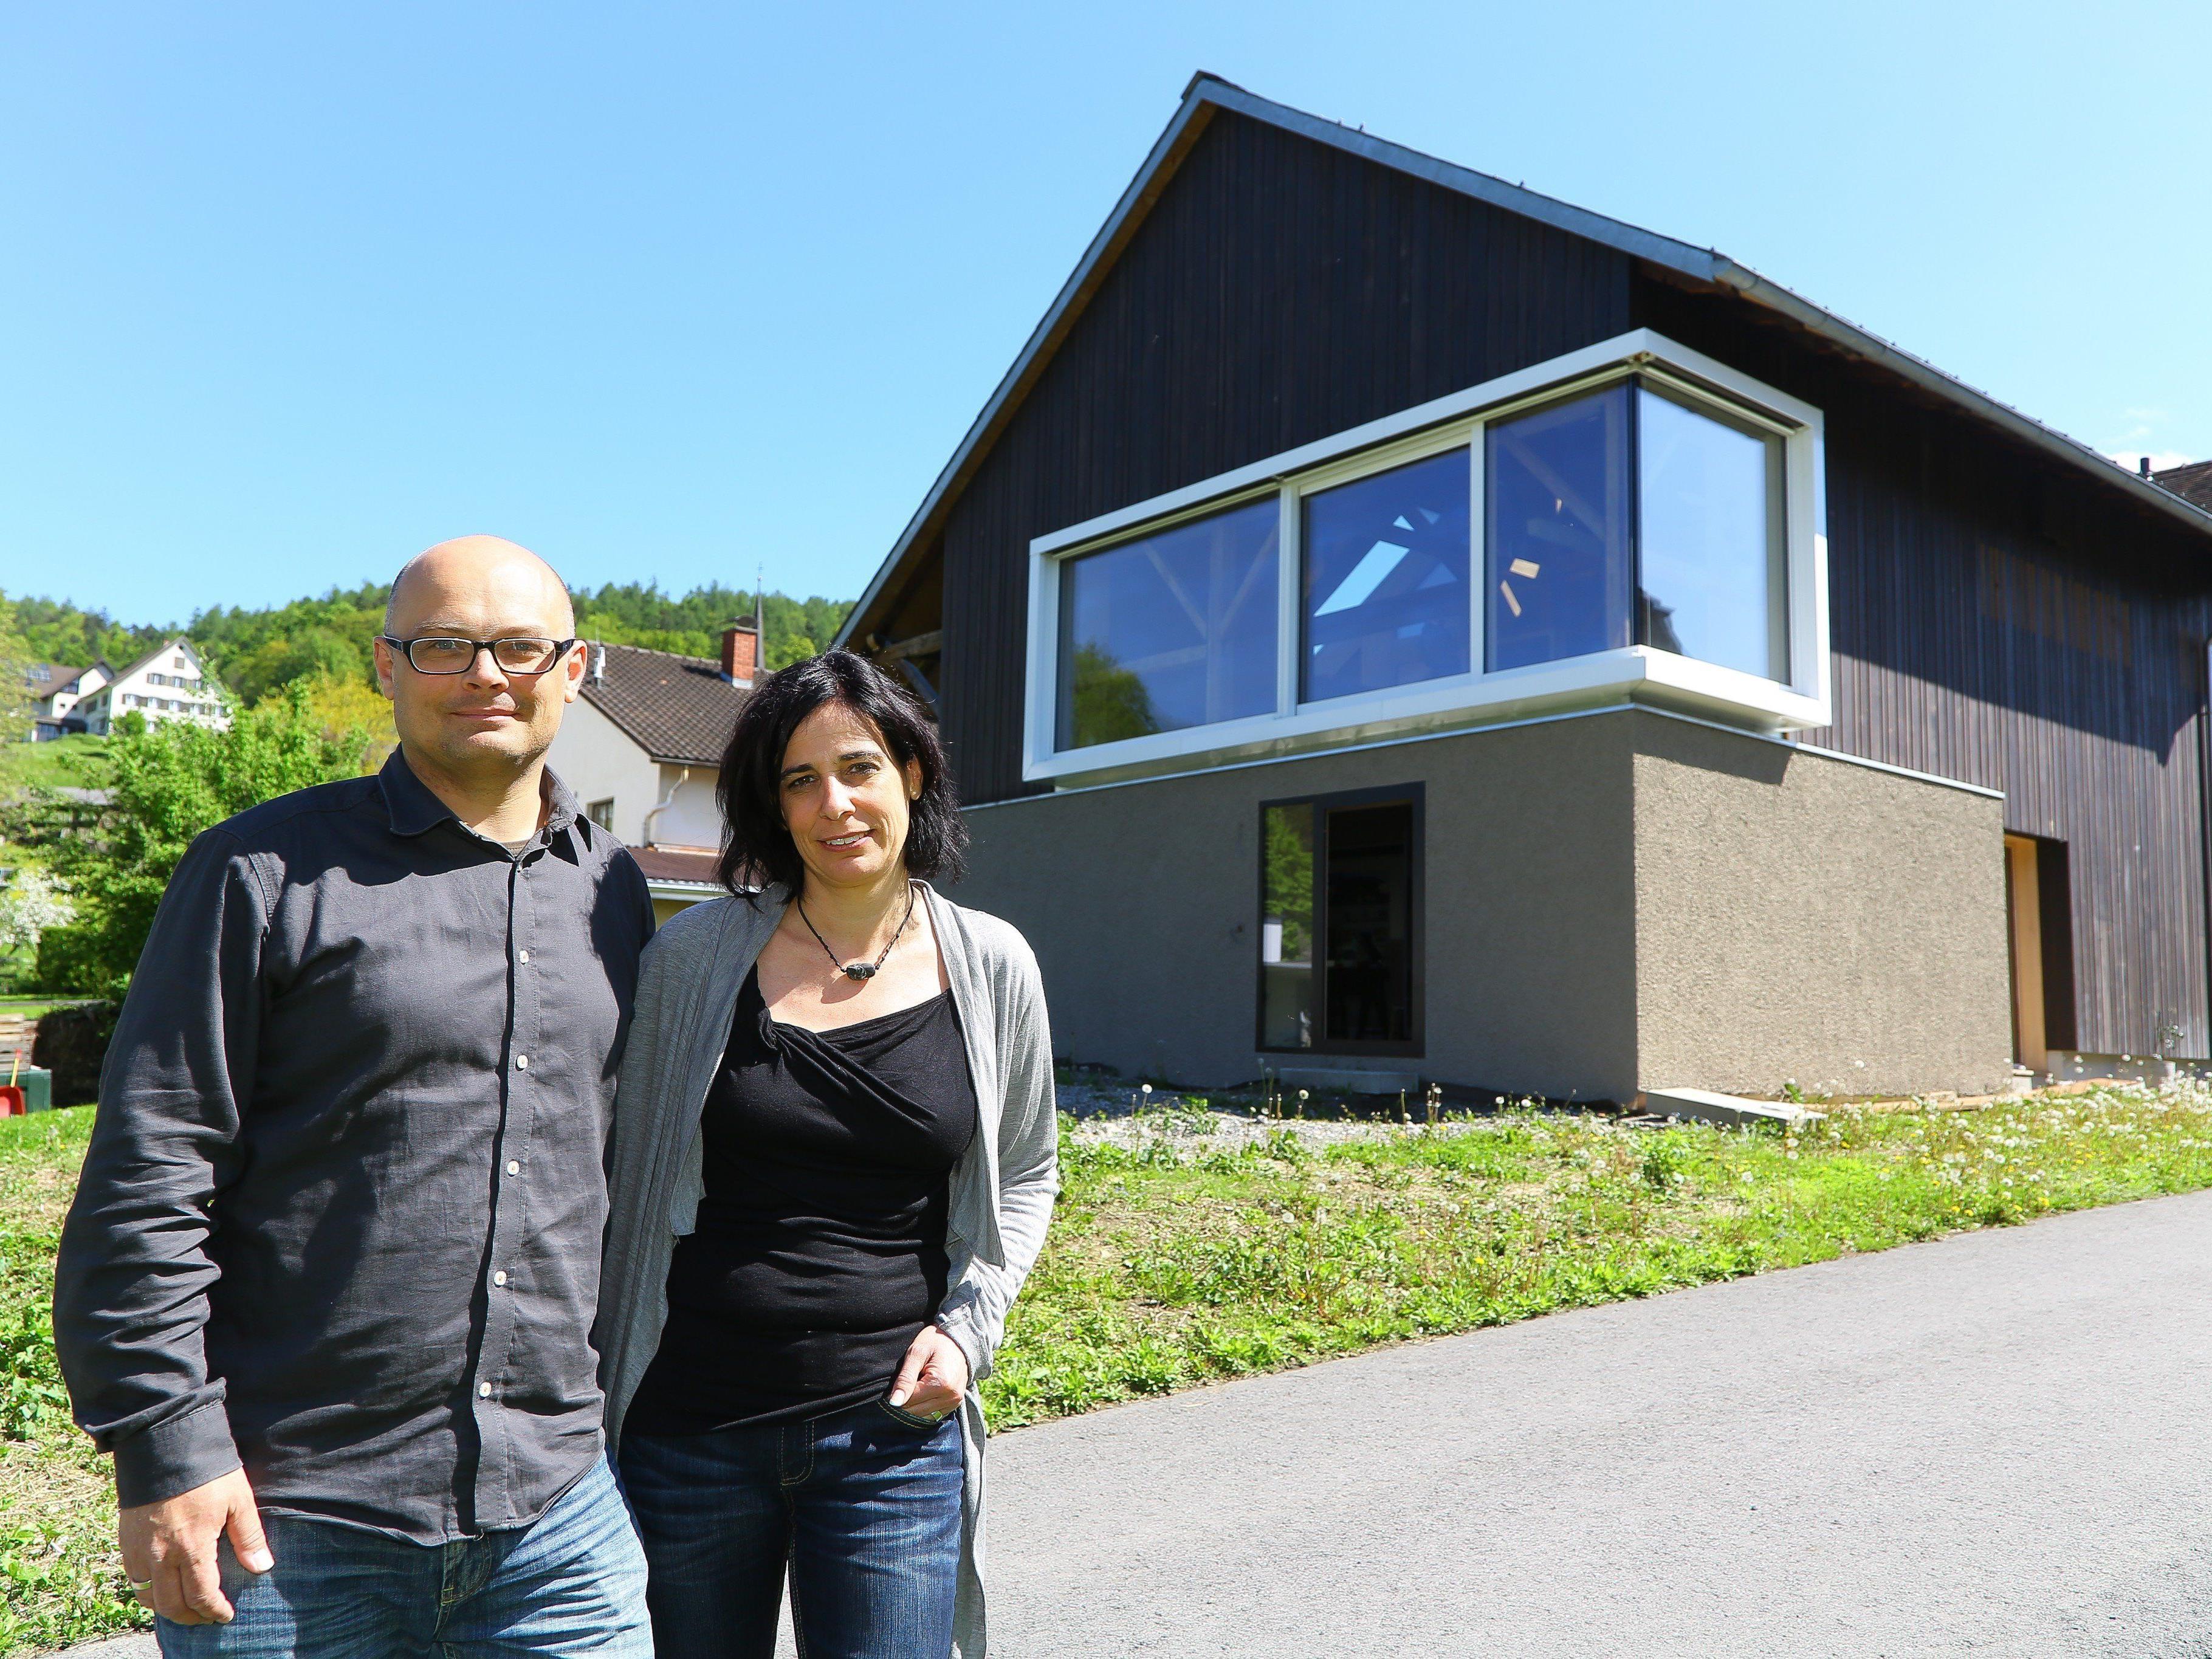 Auch das Haus von Alexandra und Hannes Zumtobel kann besichtigt werden.